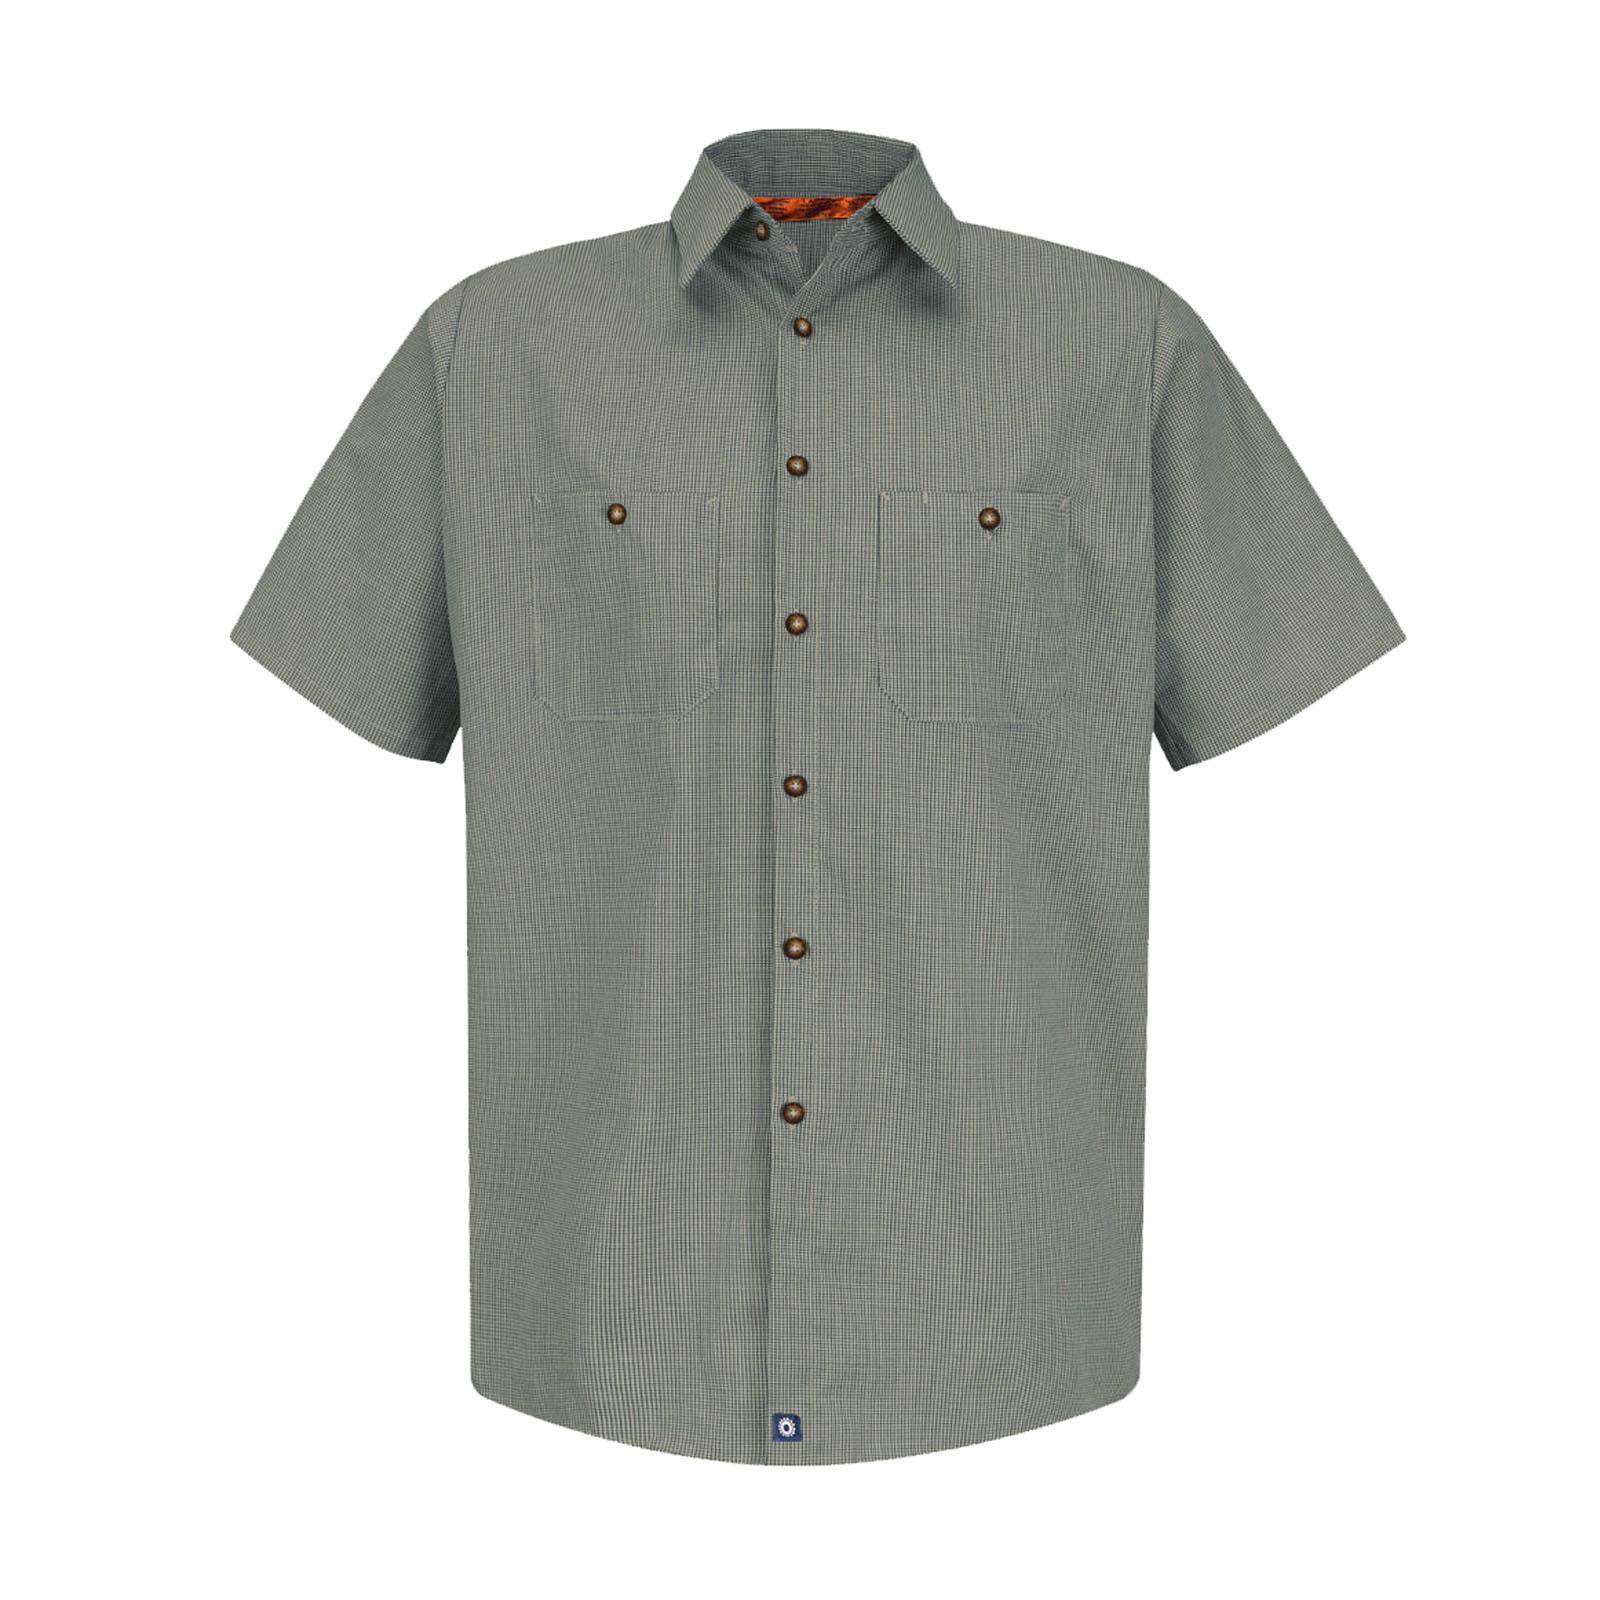 65/35 Men's Short Sleeve Microcheck Industrial Work Shirt-